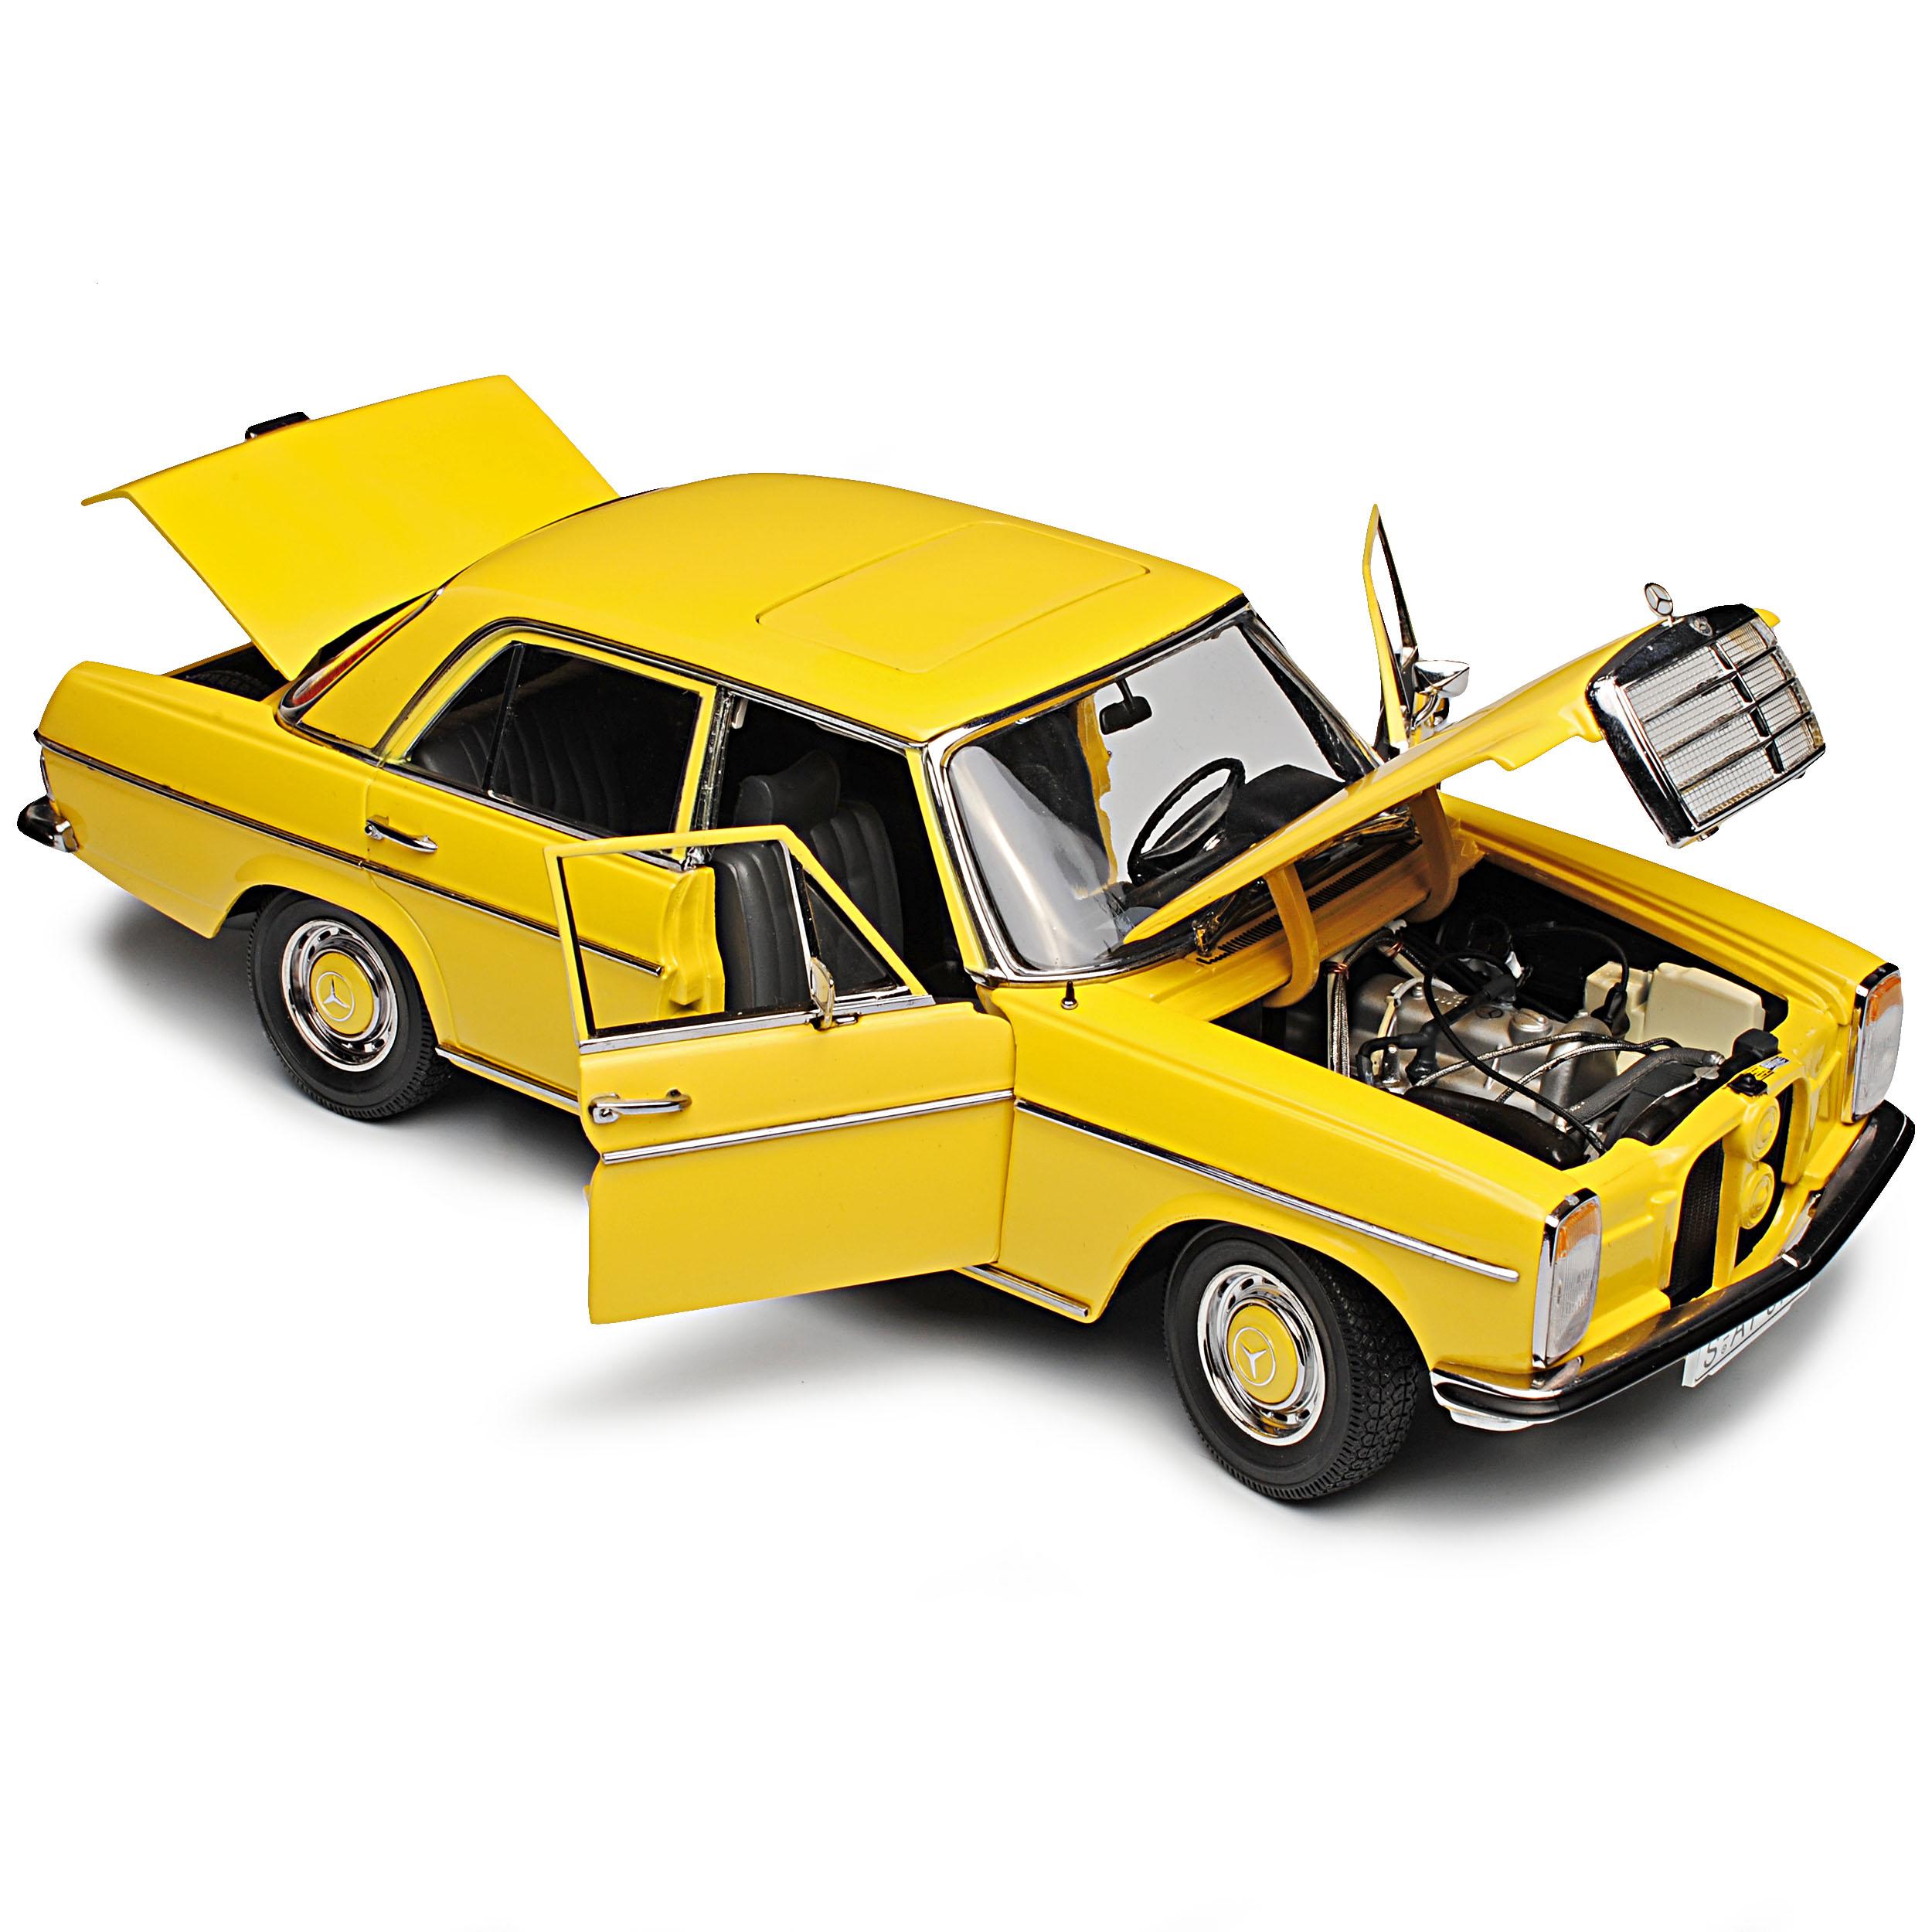 Mercedes-Benz-8-Strich-Acht-Limousine-Beige-Sahara-Gelb-W114-1967-1976-1-18-S Indexbild 9